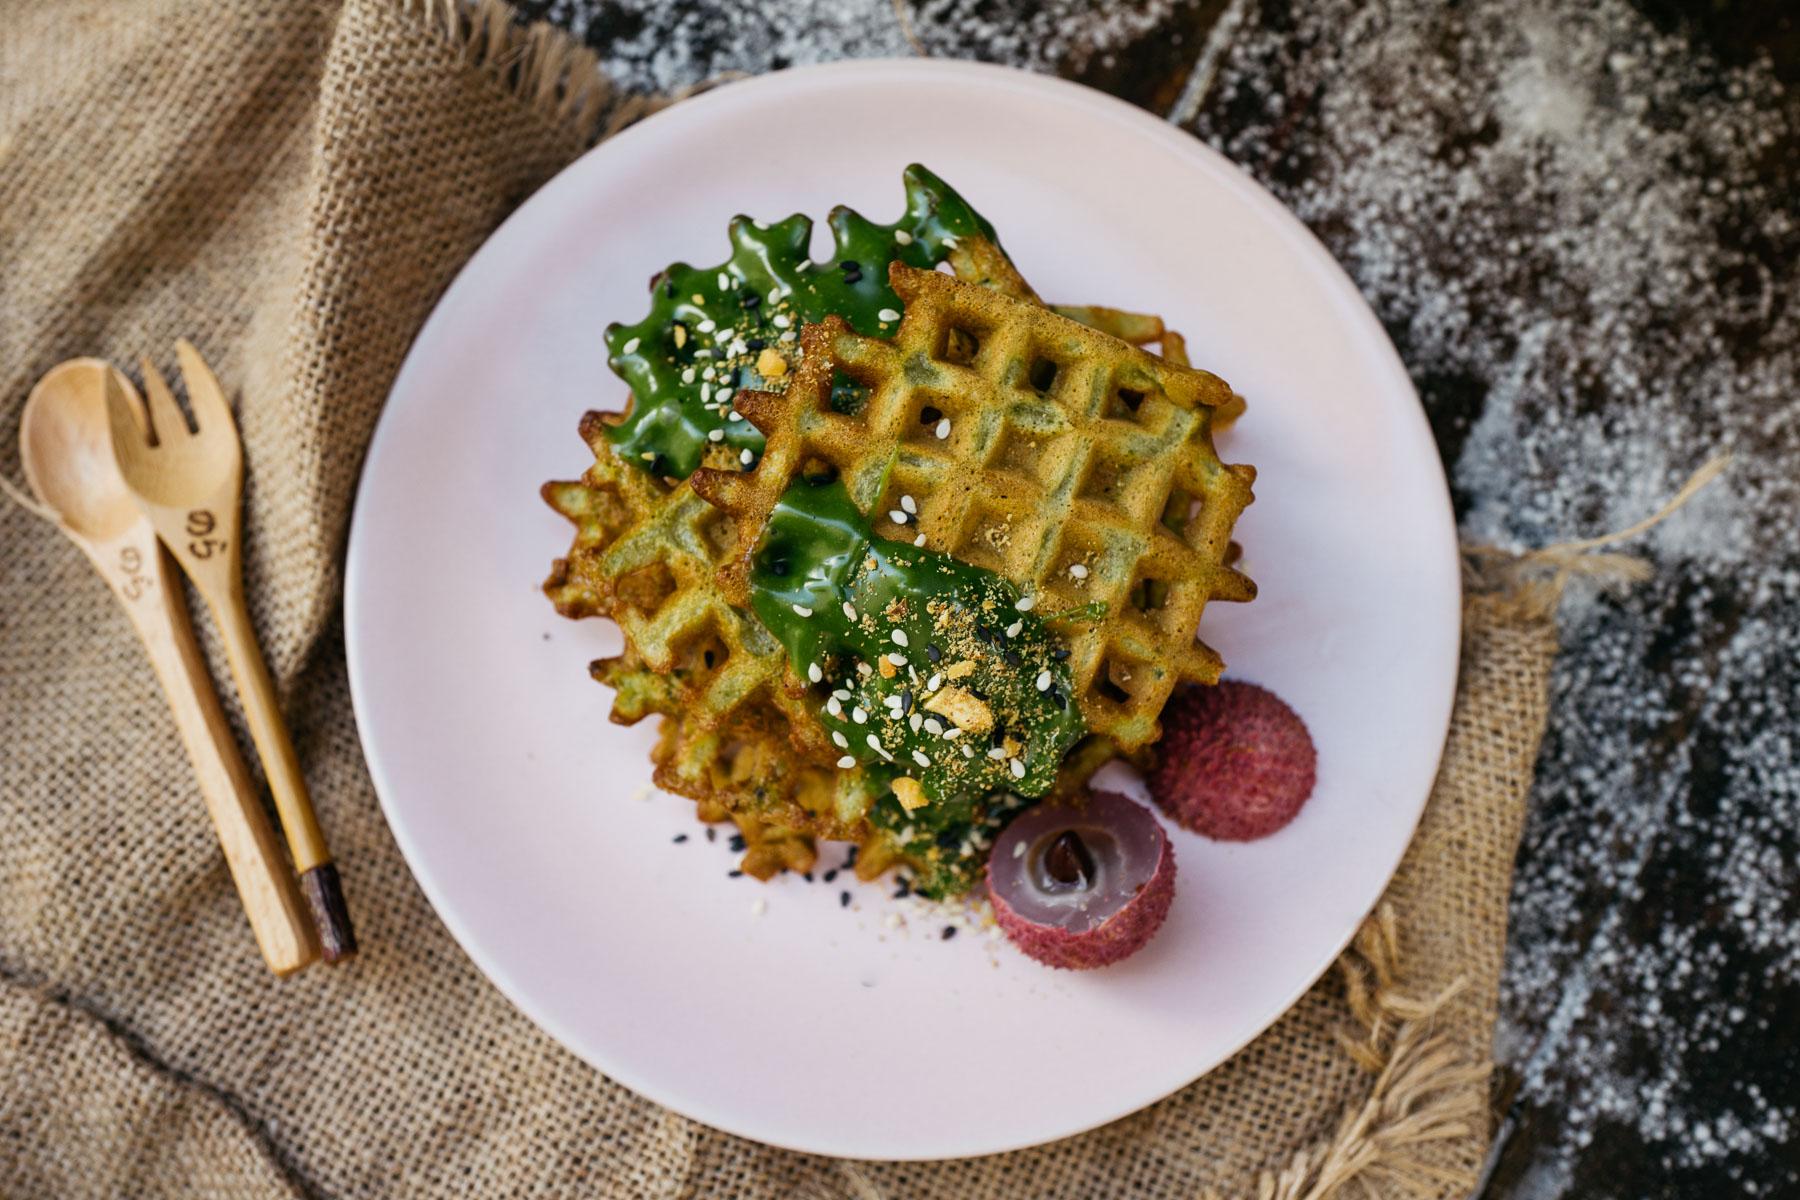 pandanowe gofry (bánh kẹp lá dứa)